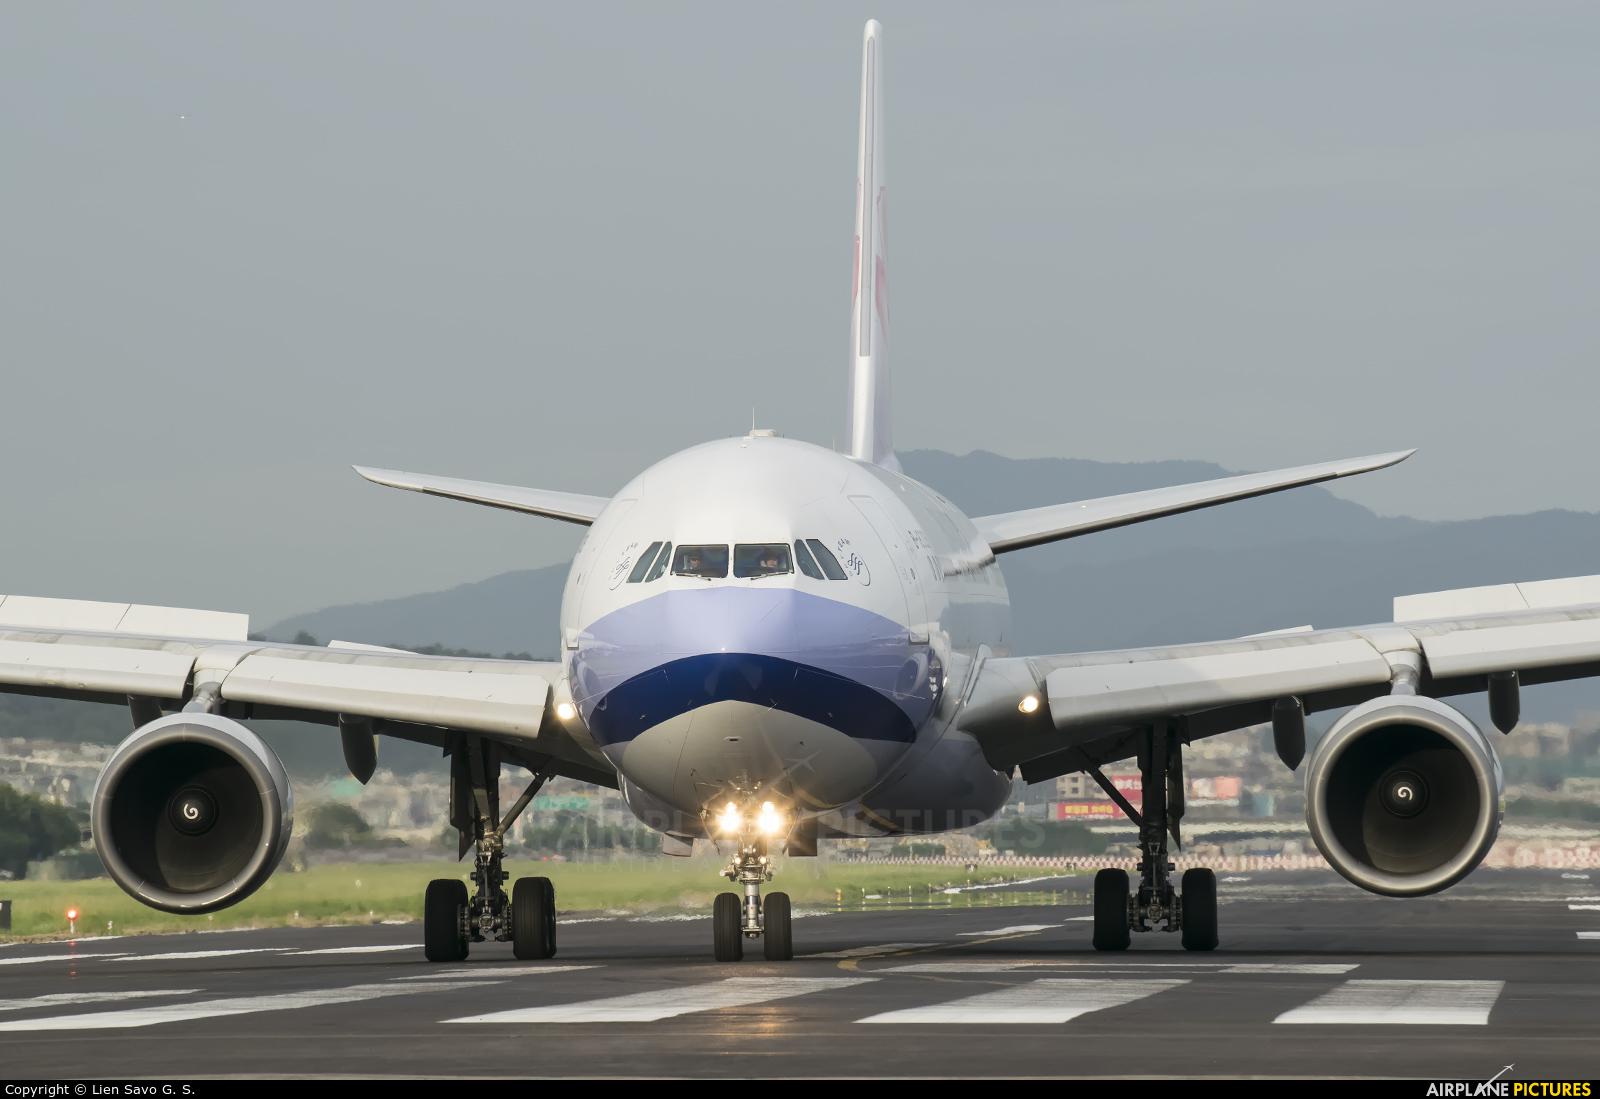 China Airlines B-18309 aircraft at Taipei Sung Shan/Songshan Airport